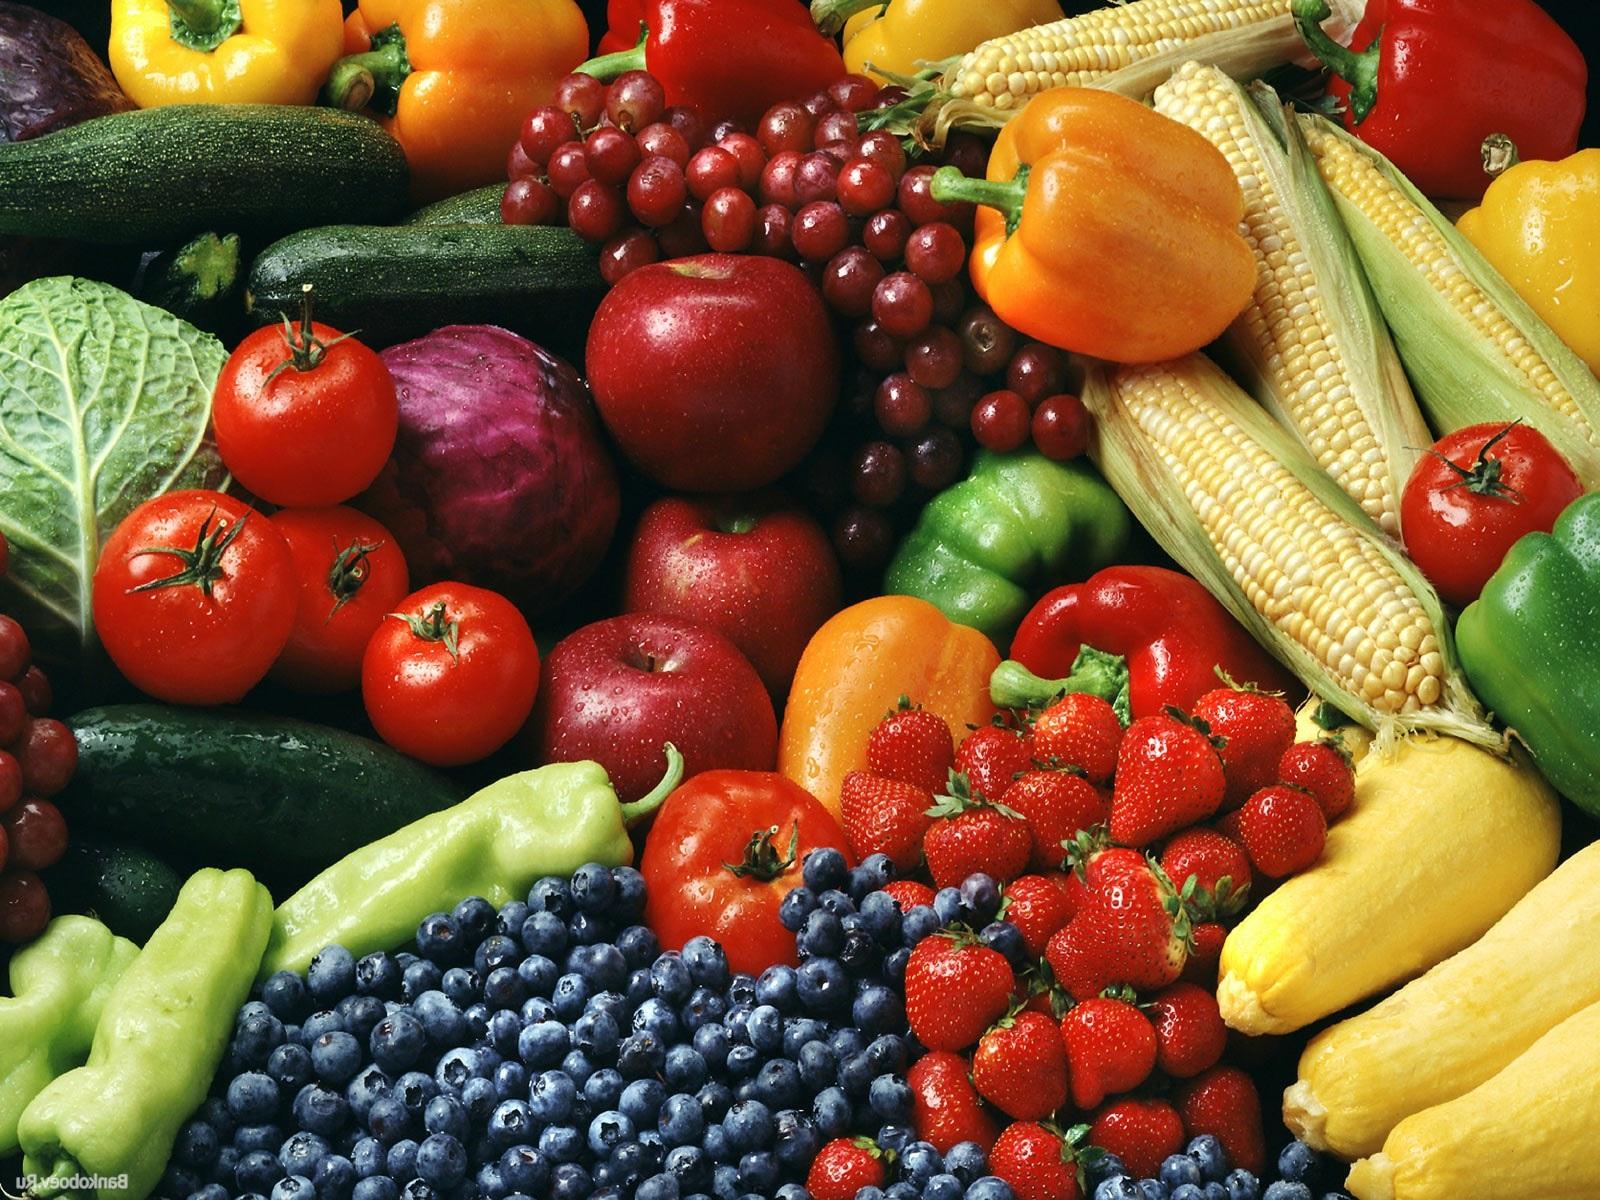 какие продукты помогут похудеть в летнее время, список лучших диетических продуктов лета